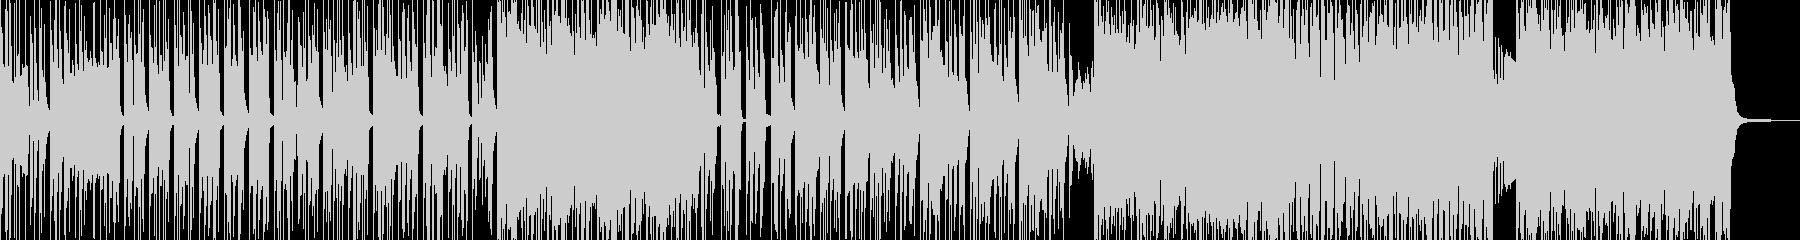 無機質&異次元・妖艶なヒップホップ Bの未再生の波形